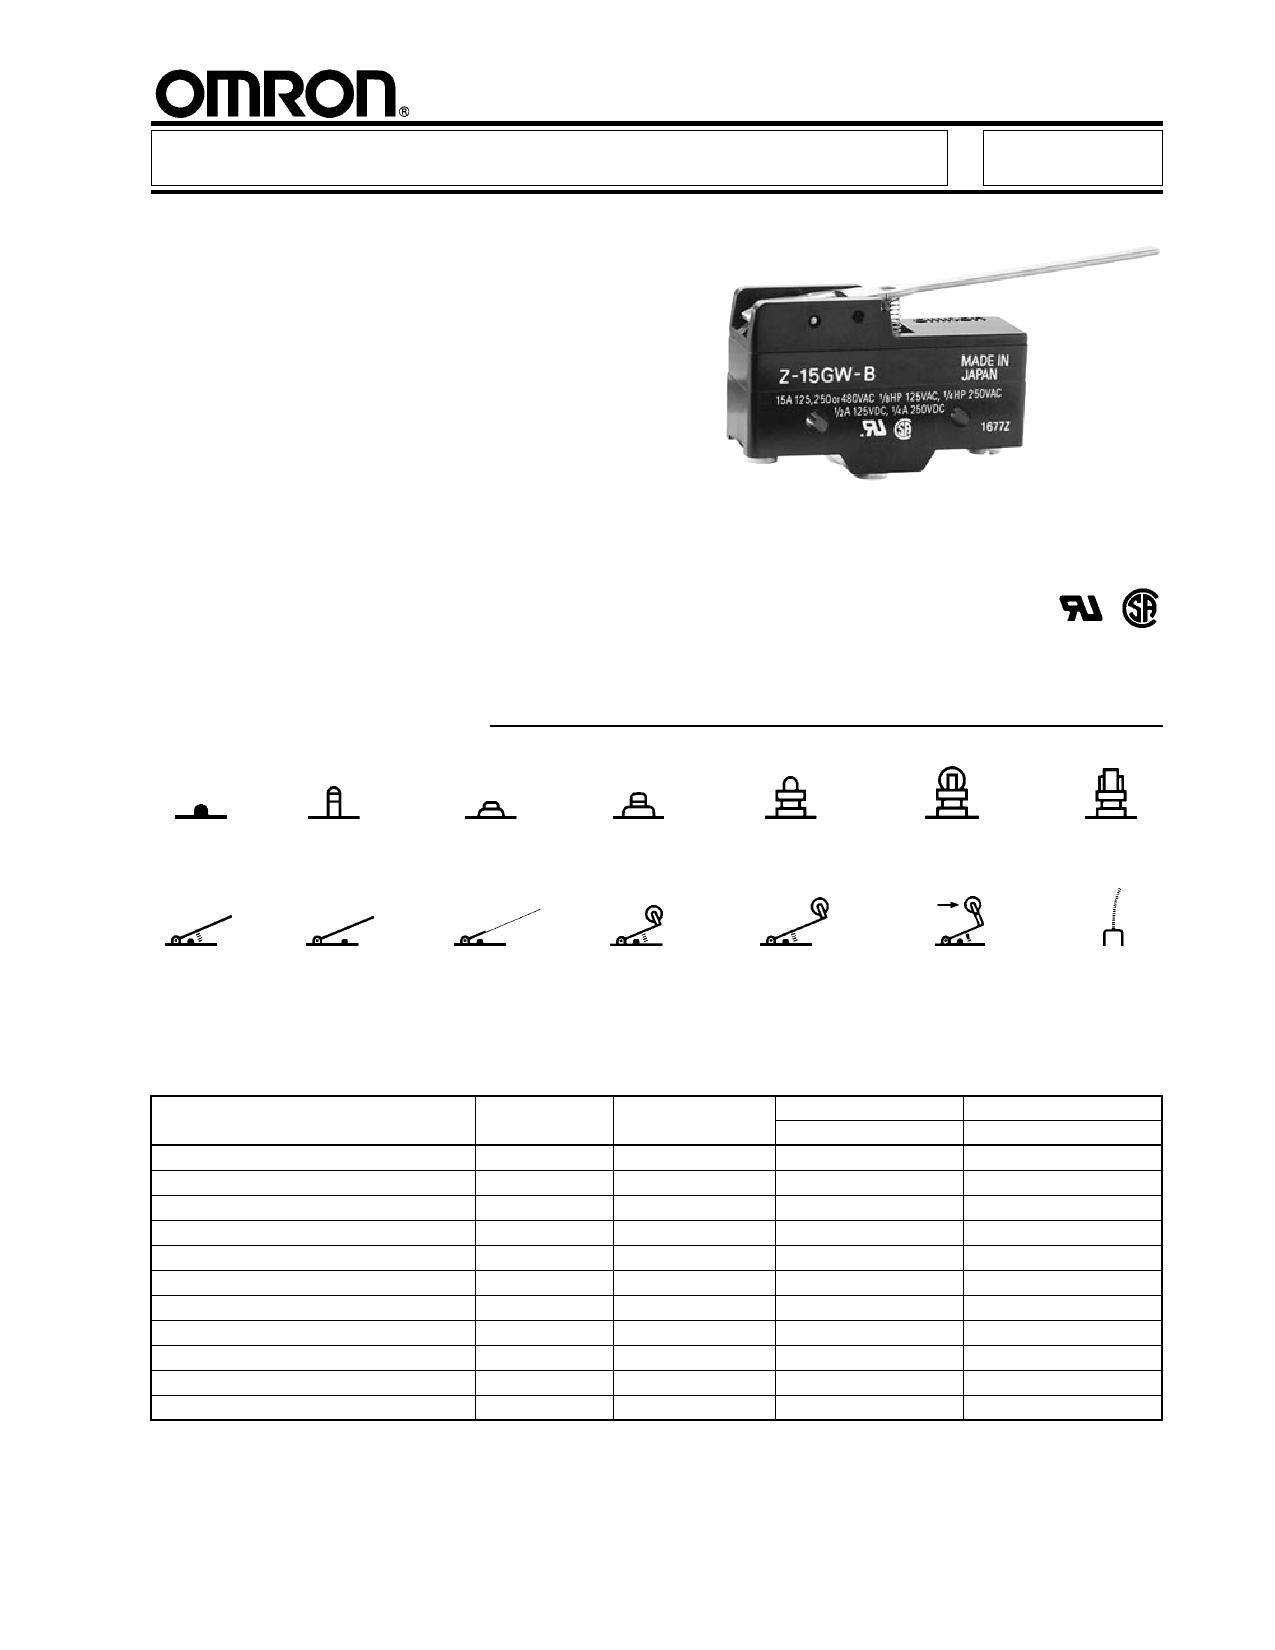 Z-15GQ datasheet